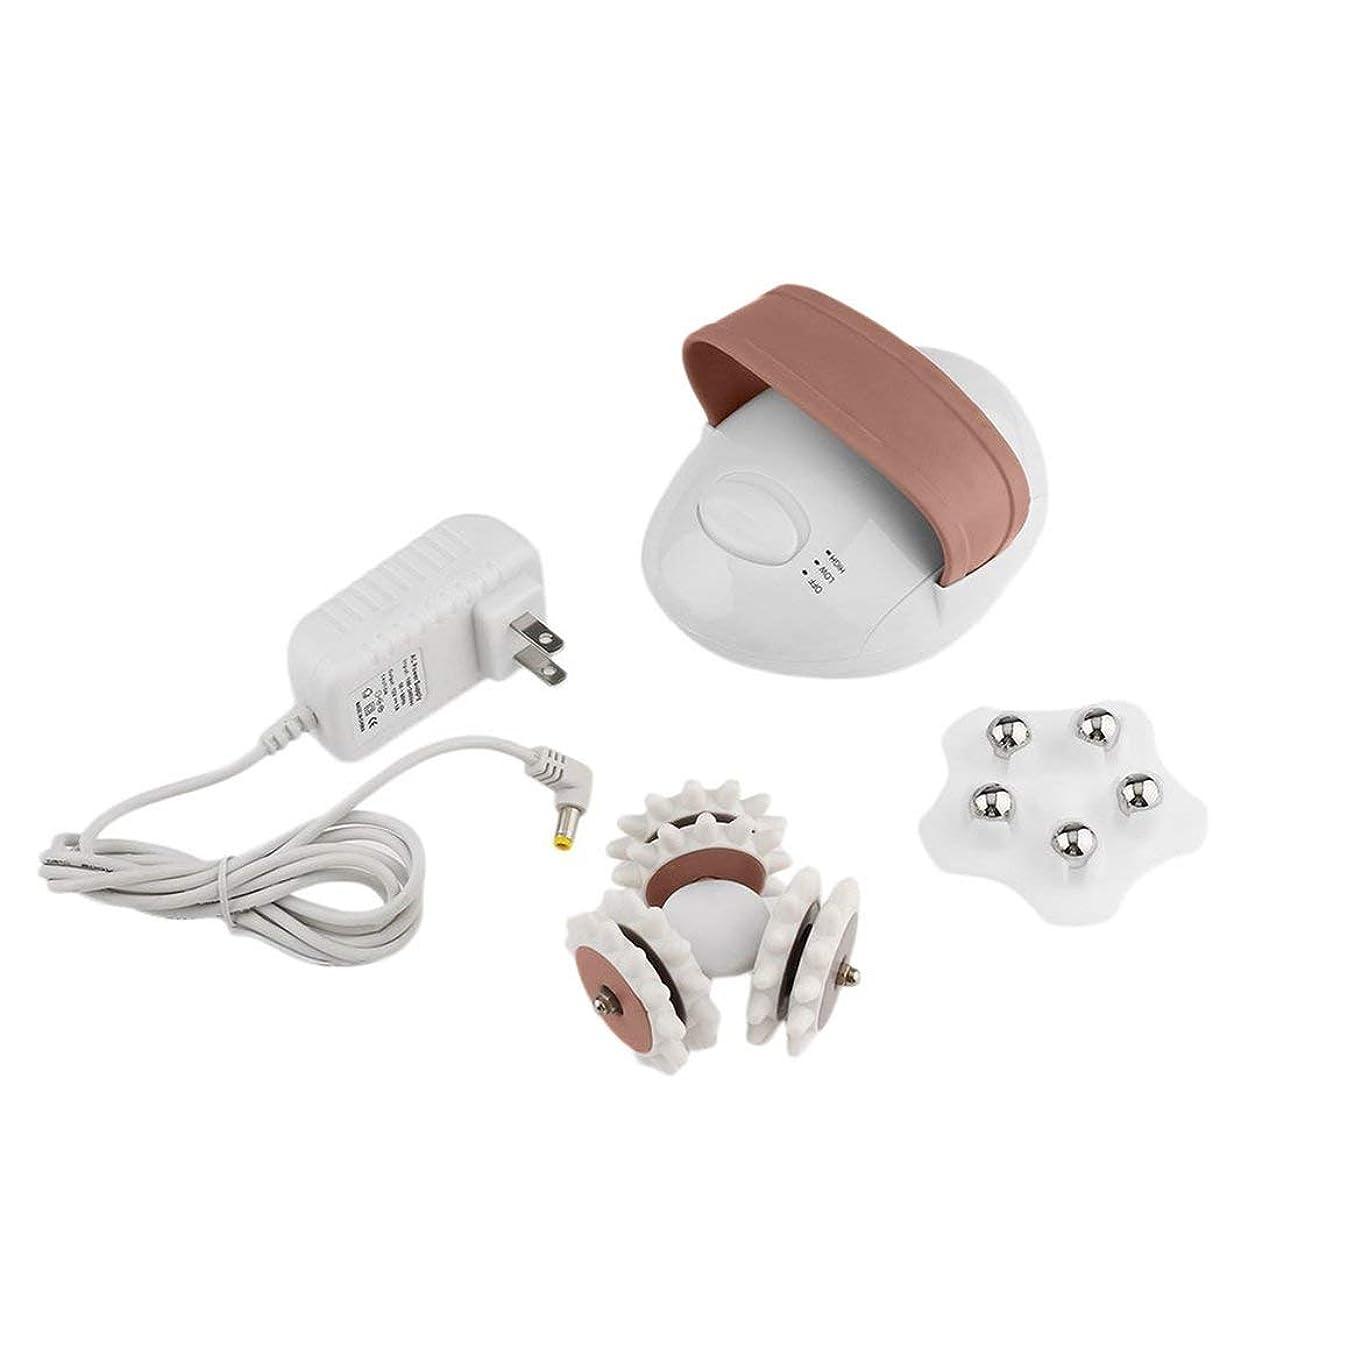 疲れた磨かれた優れたコンパクトサイズの3Dミニ顔の混練マッサージローラー電気アンチセルライトコントロールシステムマッサージャーボディスリム - ホワイト&コーヒー